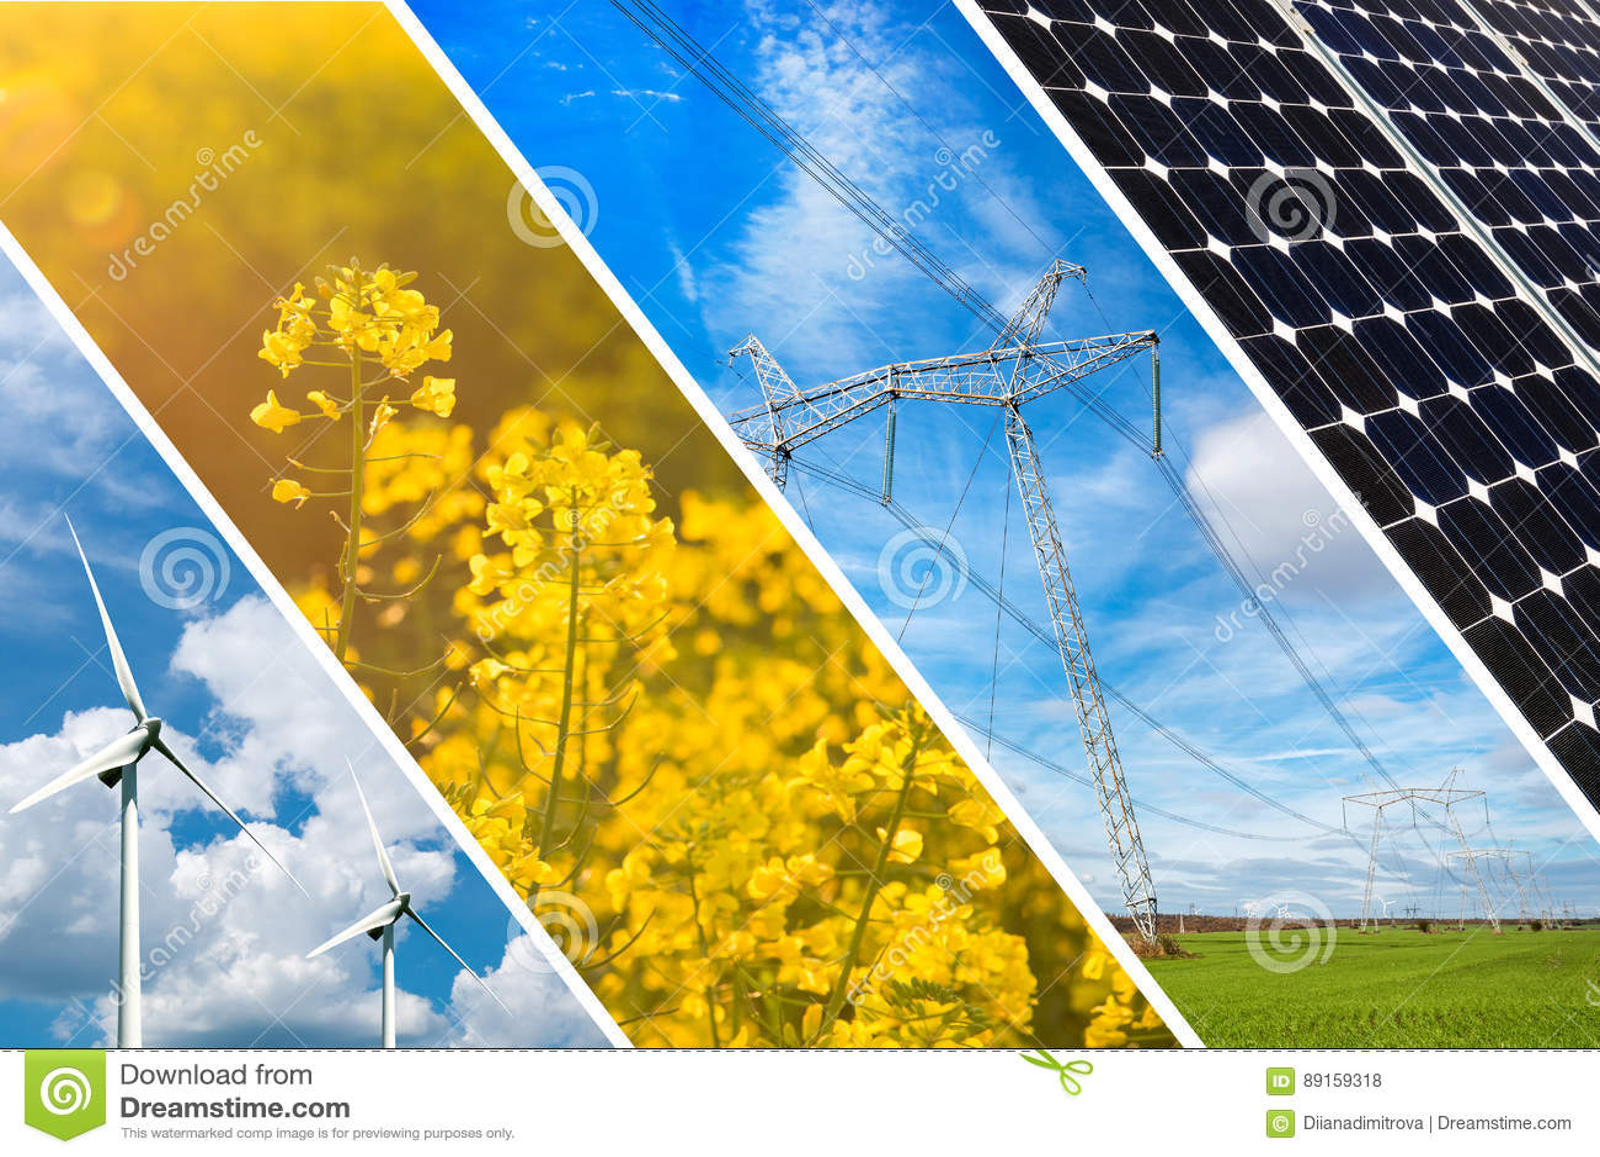 Концепция возобновляющей энергии и устойчивых ресурсов - коллажа фото